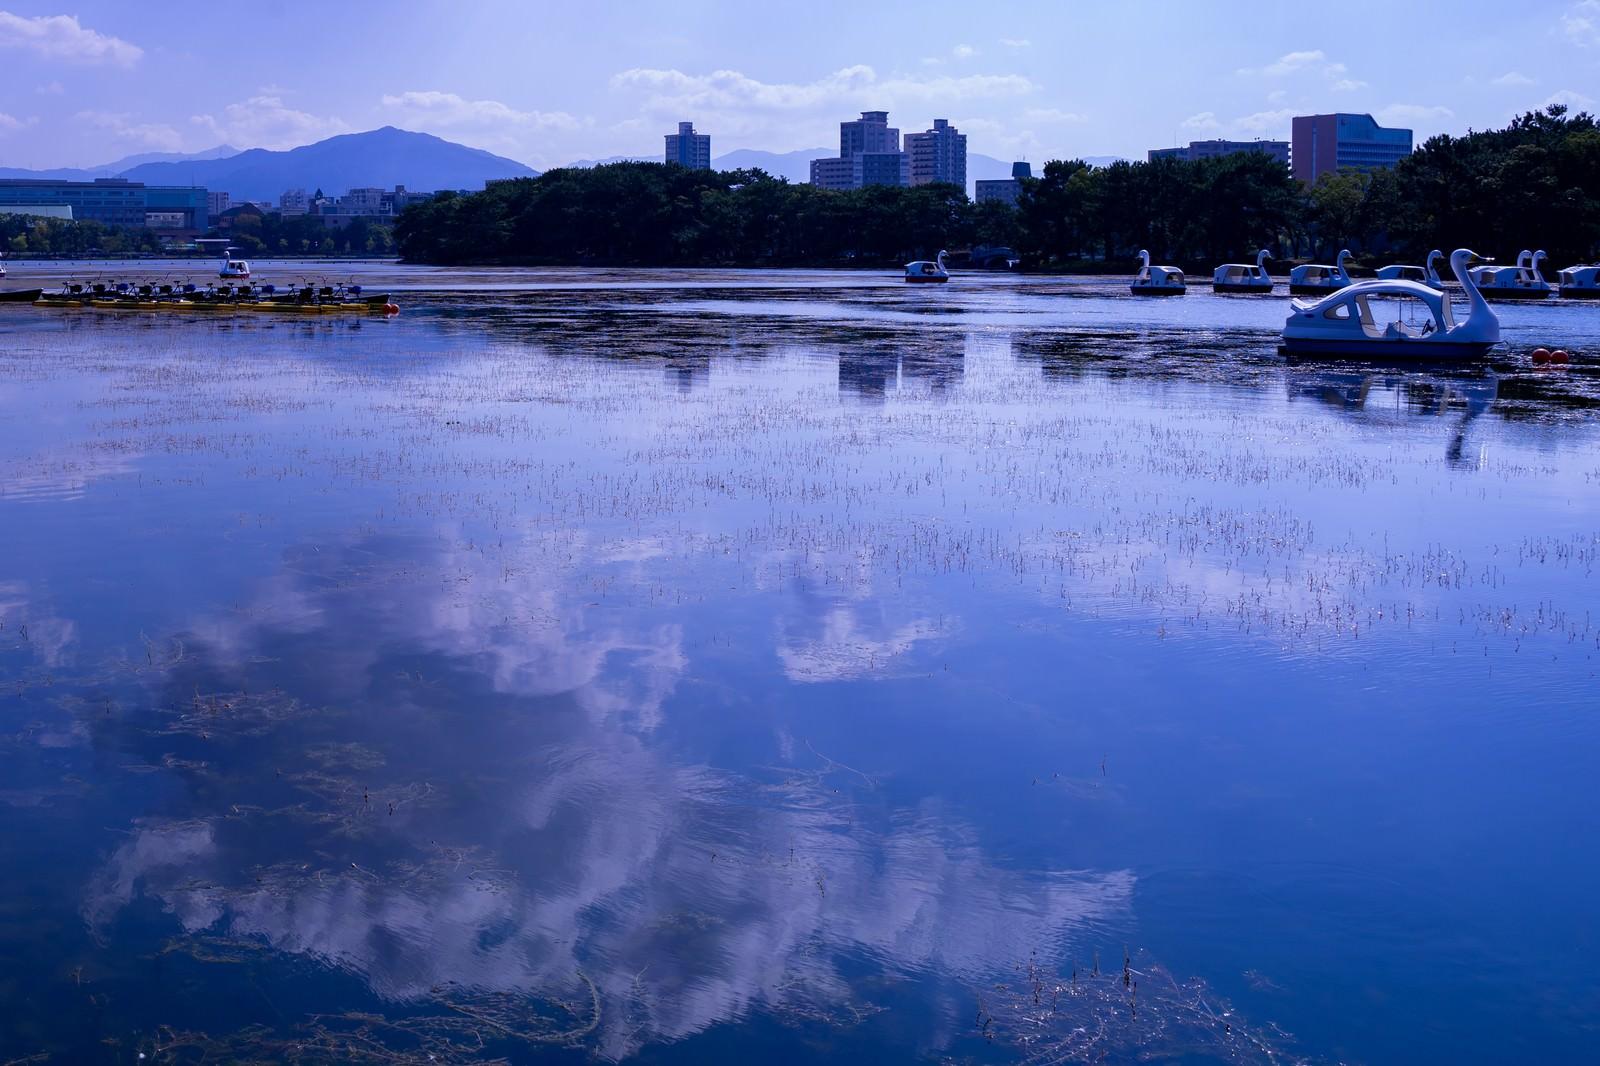 「湖面に映る青空とスワンボート」の写真